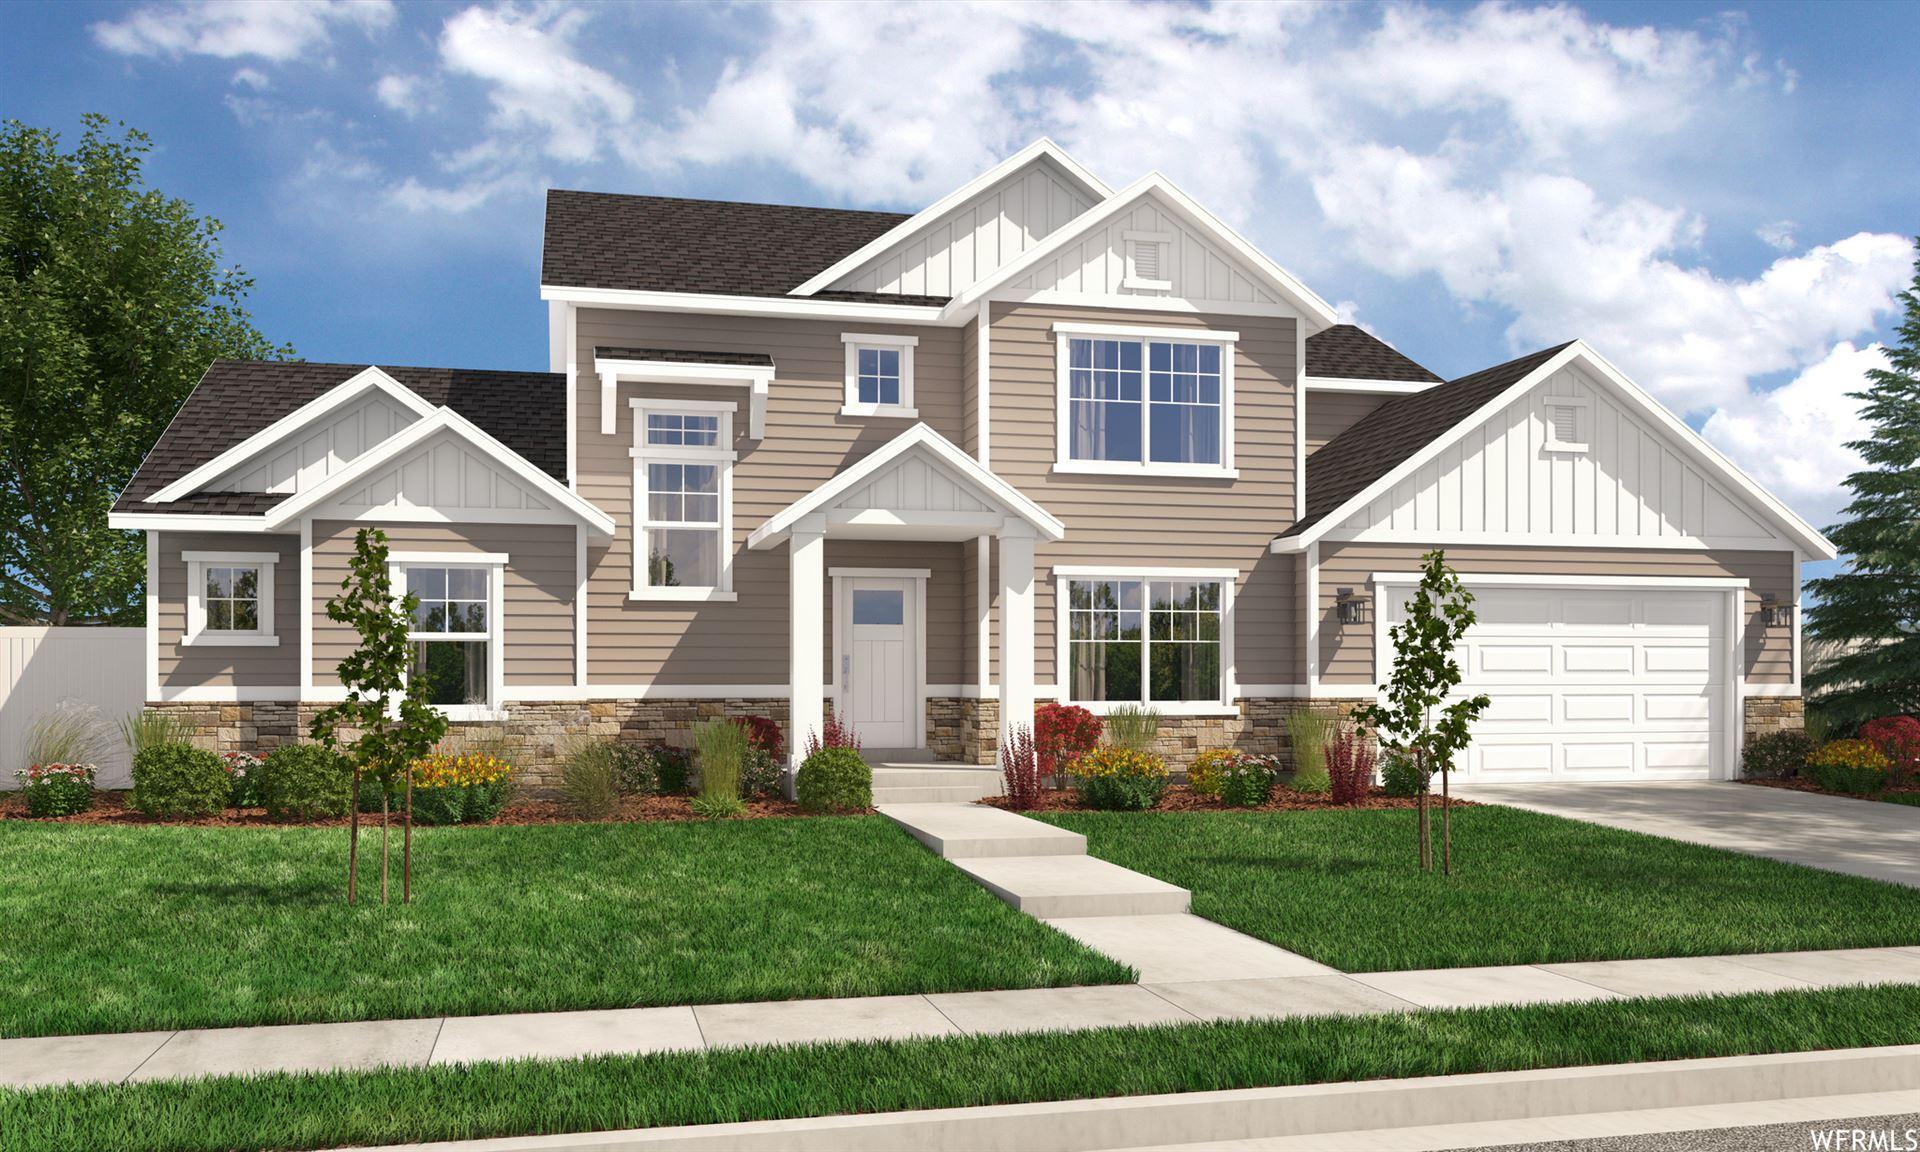 Photo of 1479 N 540 W #230, Saratoga Springs, UT 84043 (MLS # 1756676)